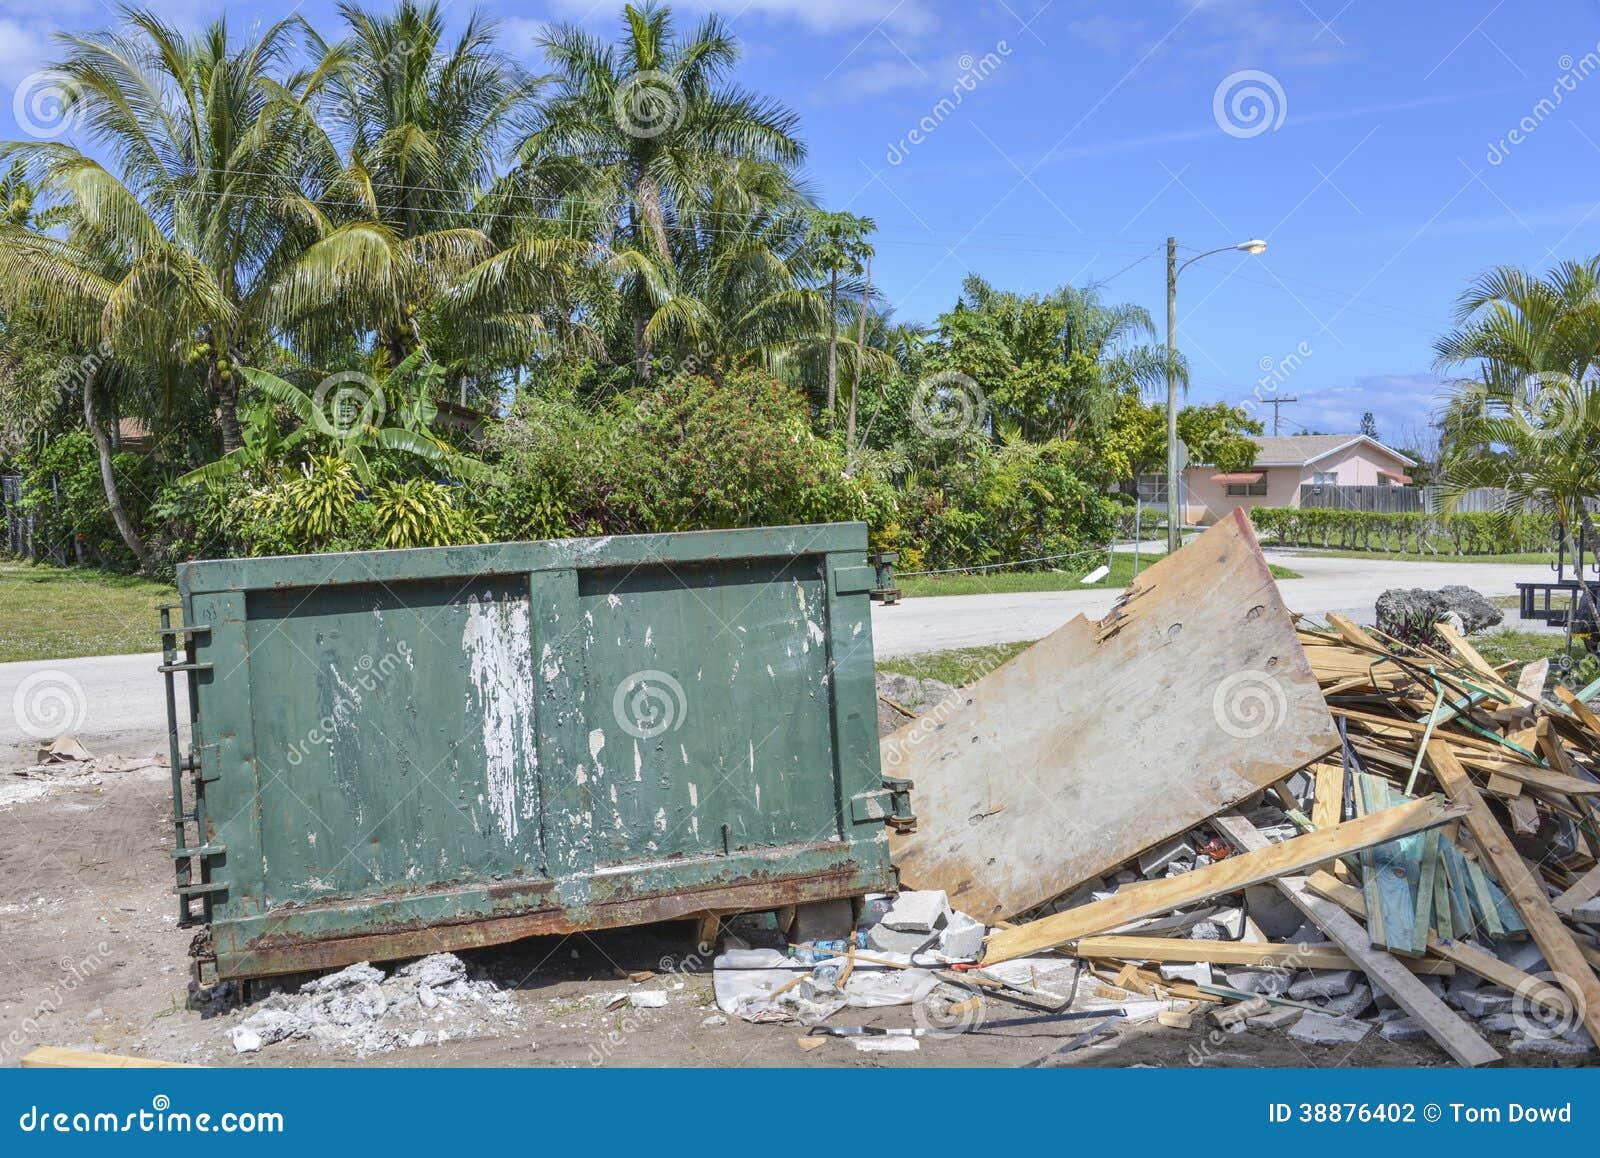 建造场所大型垃圾桶